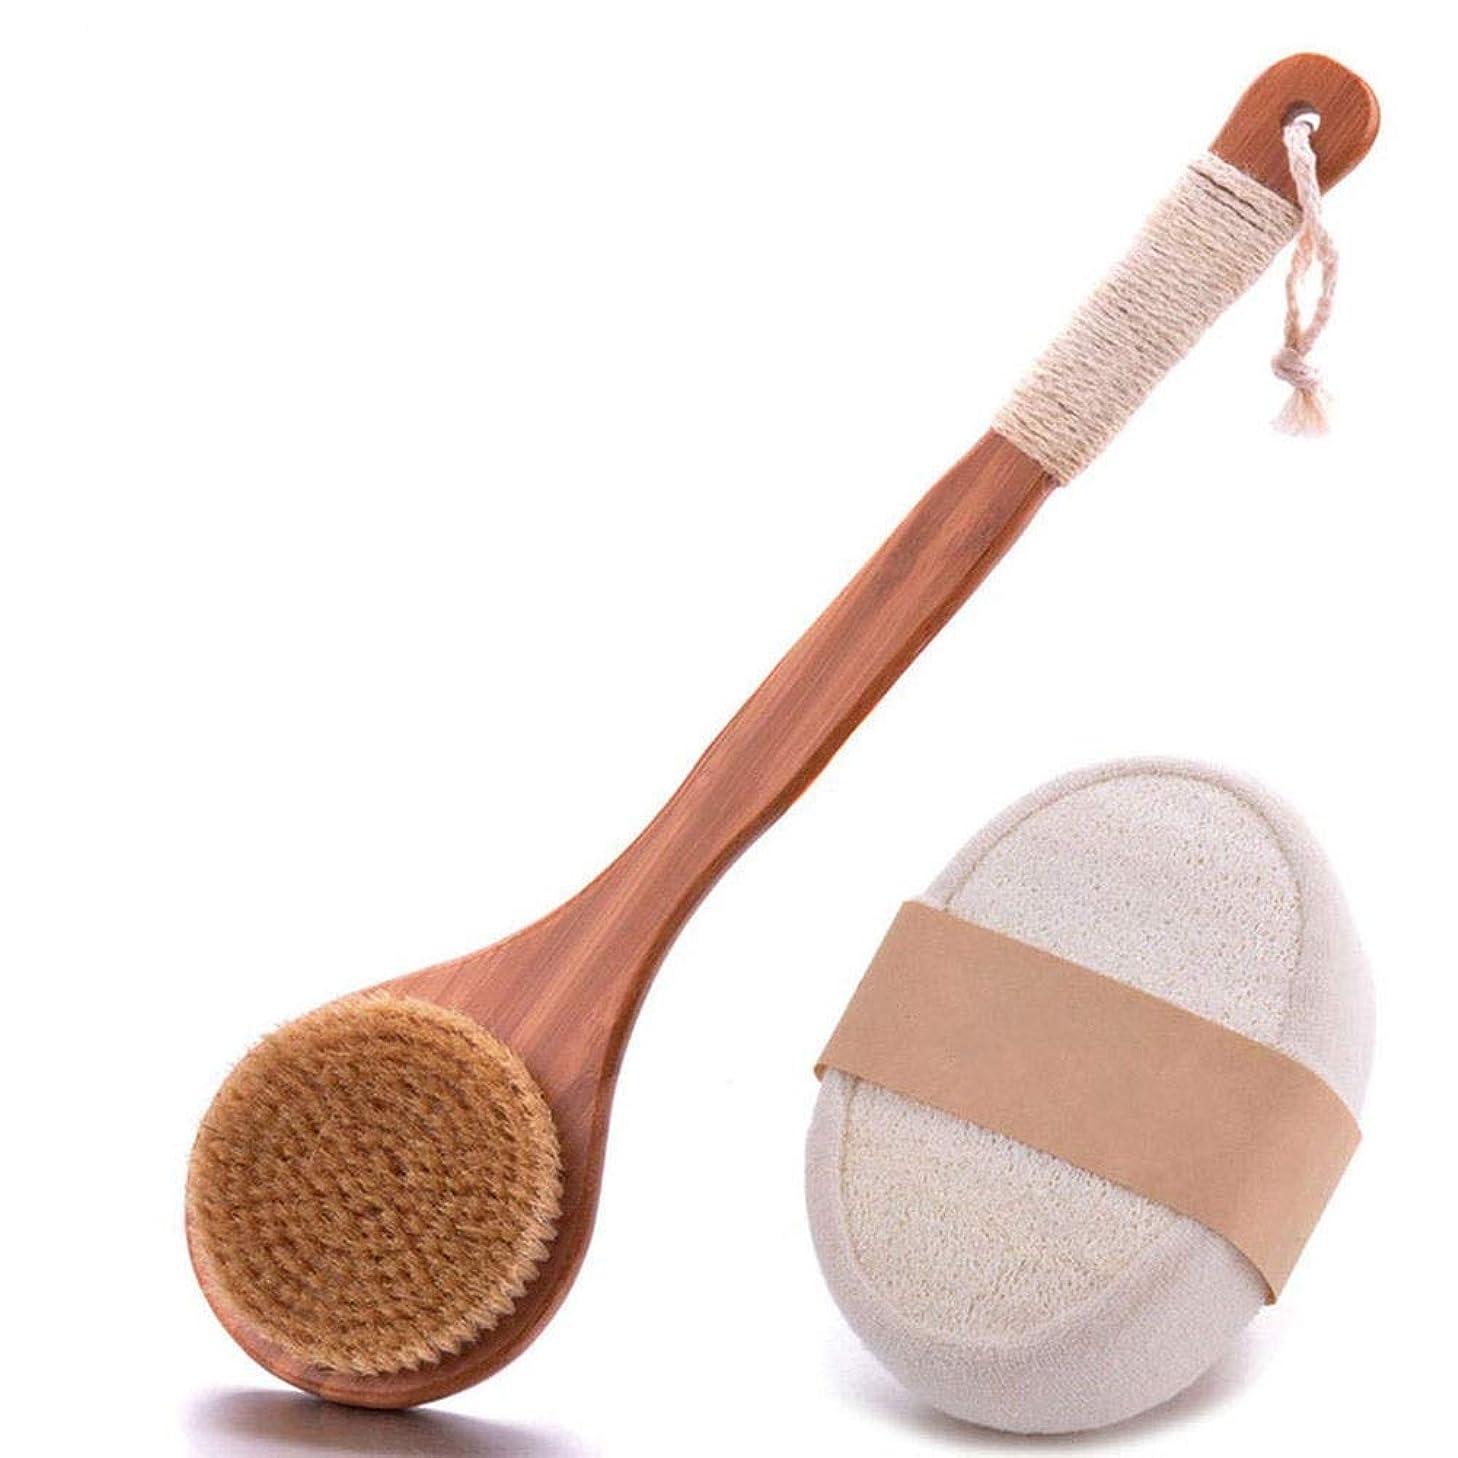 投げる完璧な記念WJMLS バスボディブラシイノシシ剛毛剥離ボディマッサージャー長い木製ハンドルバックブラシシャワーブラシ